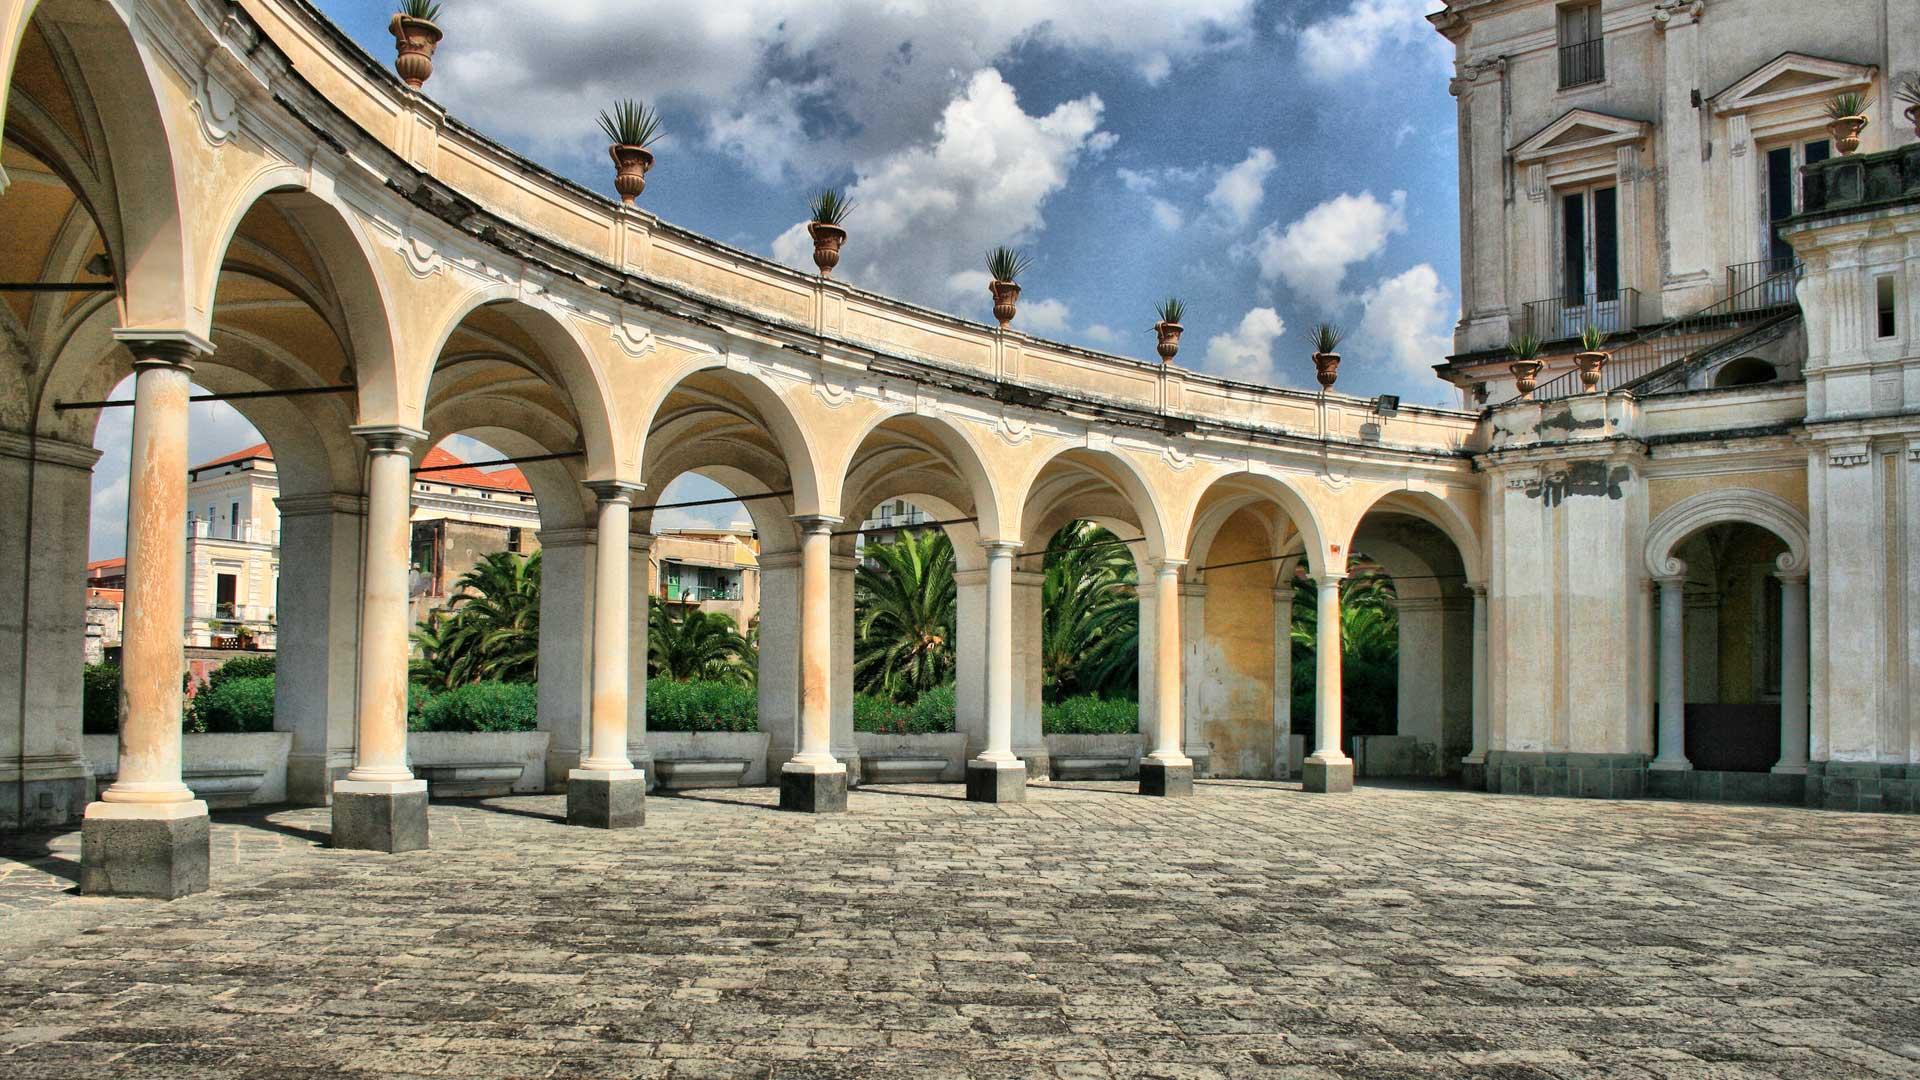 Edifici storici e ville antiche | Parco Nazionale del Vesuvio